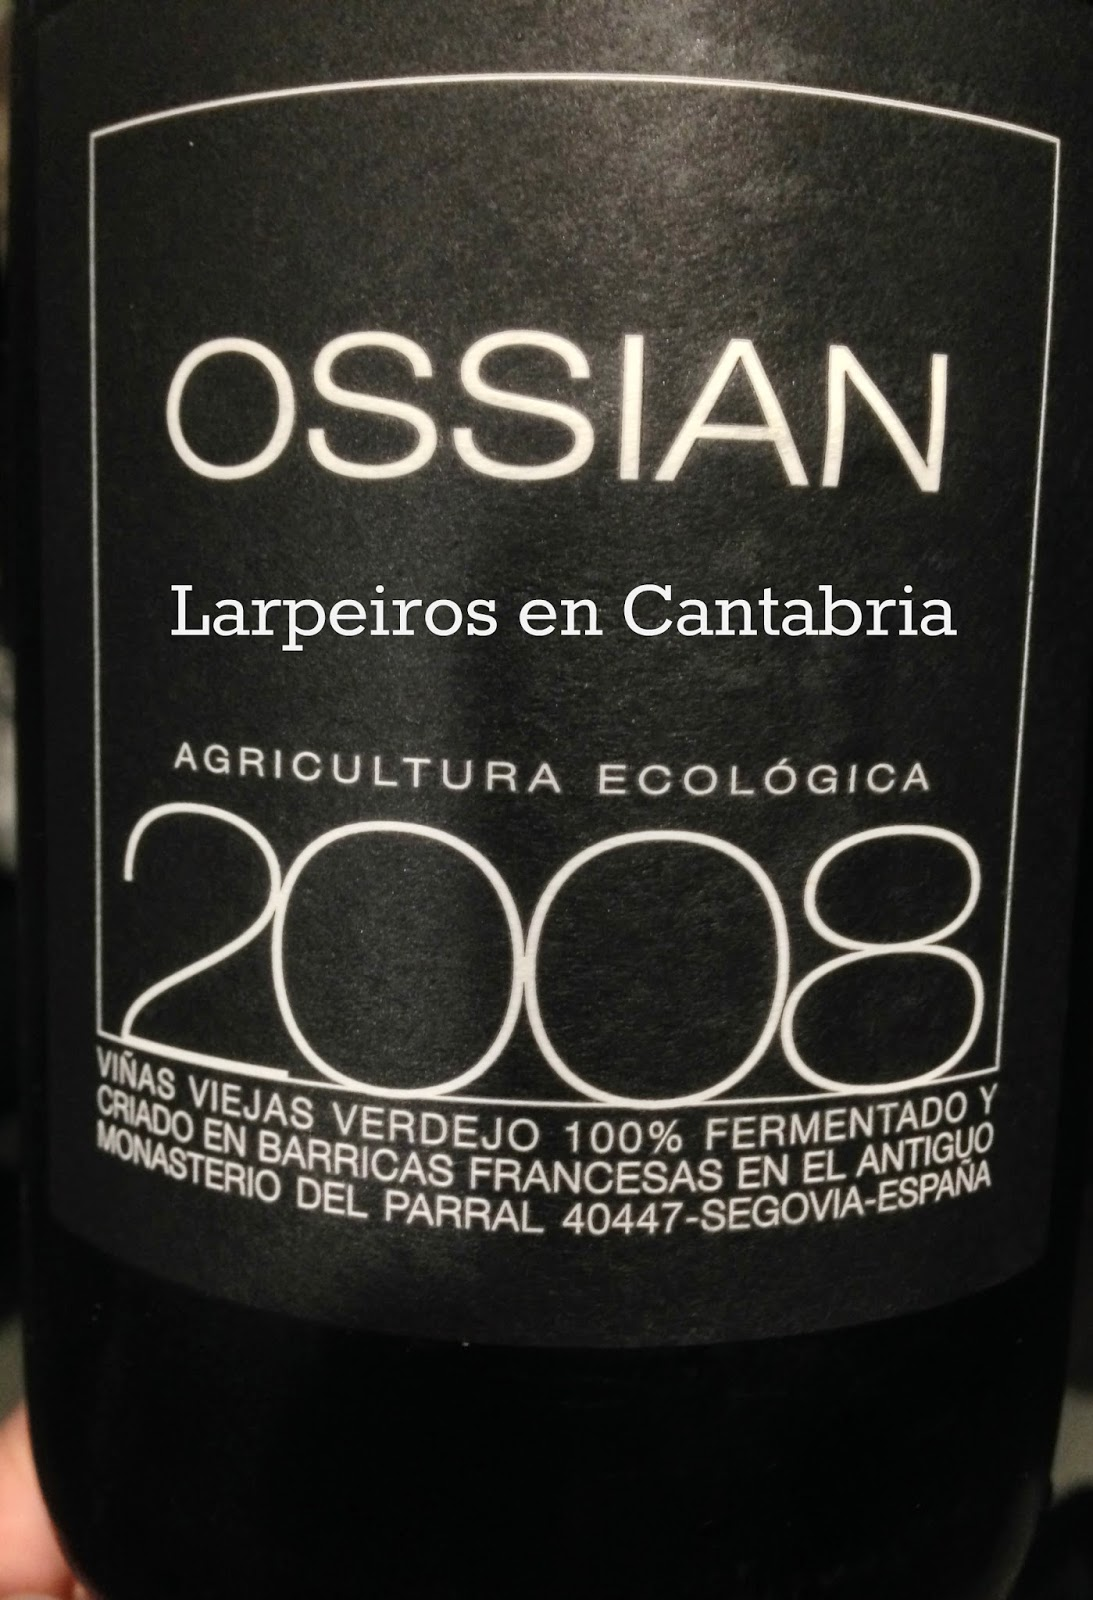 Vino Blanco Ossian 2008: Nos enamoró